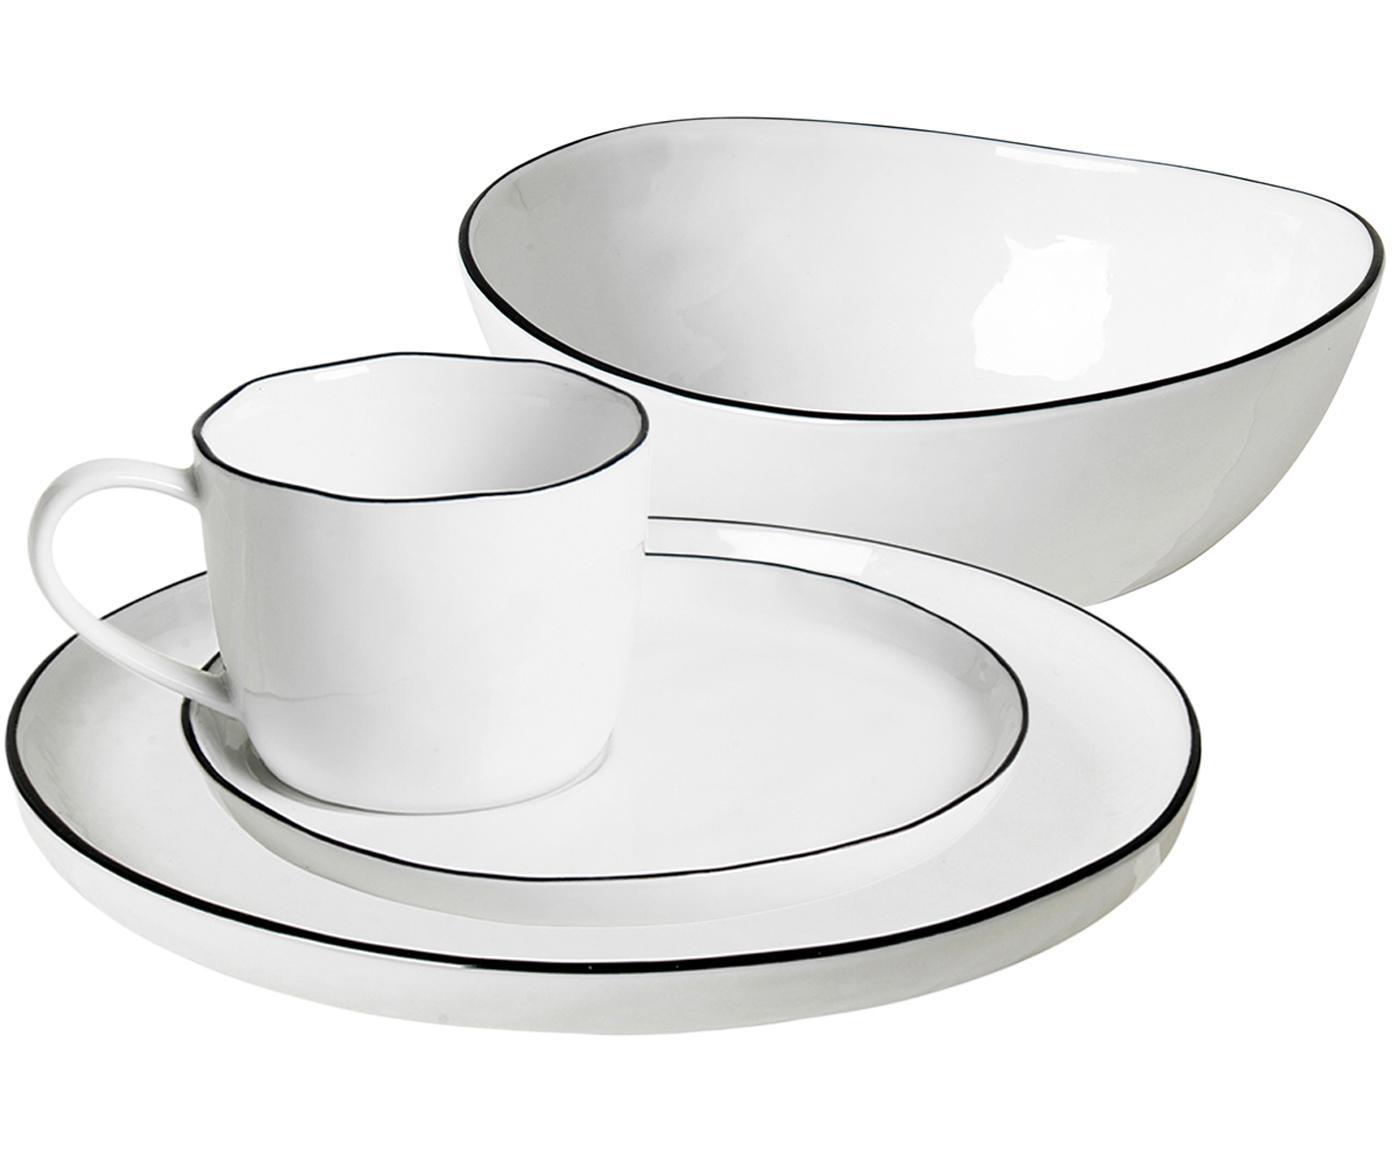 Handgemachtes Frühstücks-Set Salt, 4 Personen (16-tlg.), Porzellan, Gebrochenes Weiss, Schwarz, Verschiedene Grössen